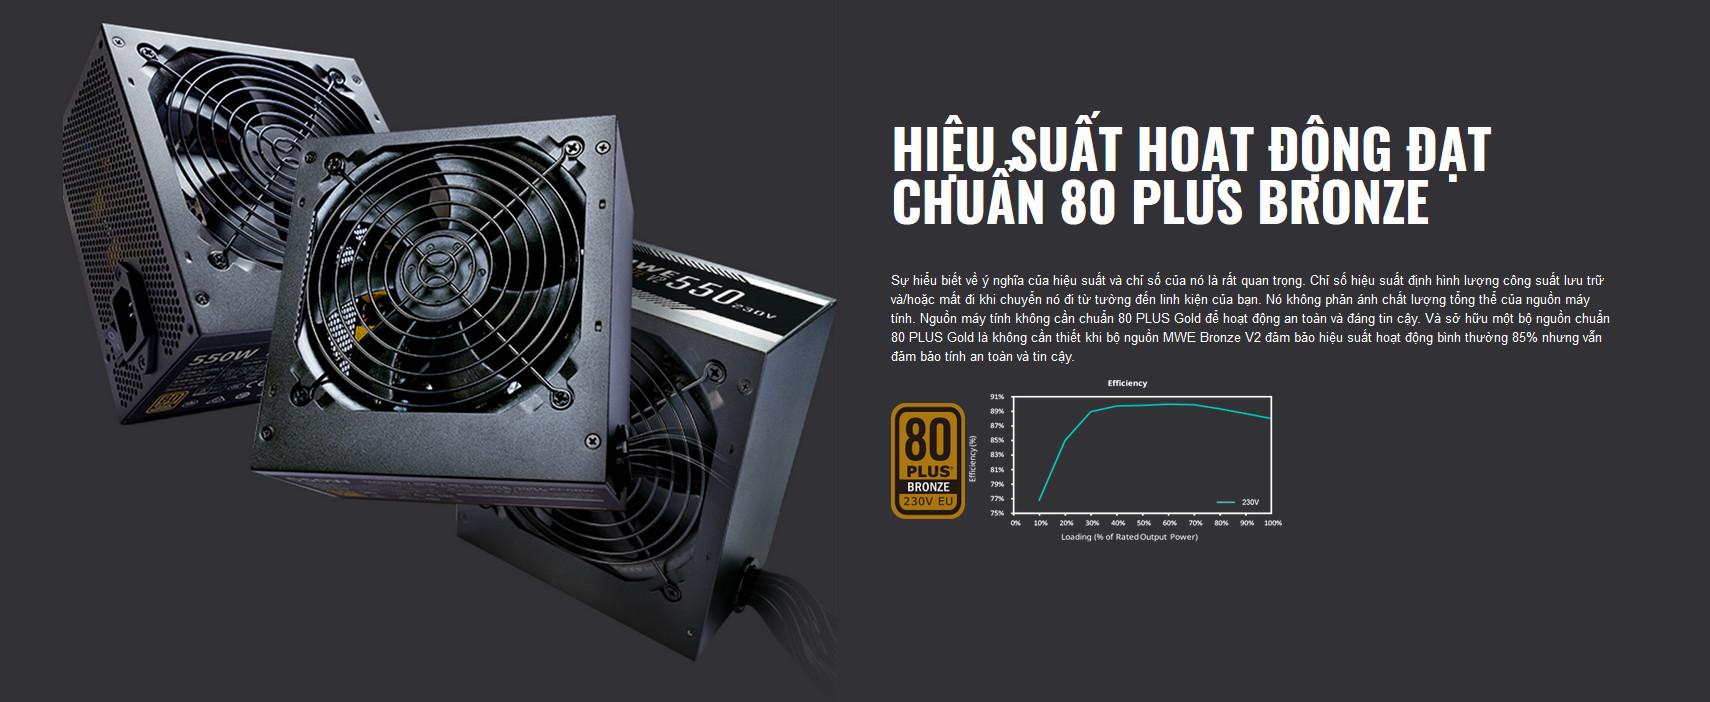 Nguồn máy tính Cooler Master MWE V2 230V 550 550W Plus Bronze  (80 Plus Bronze/Màu Đen) giới thiệu 2